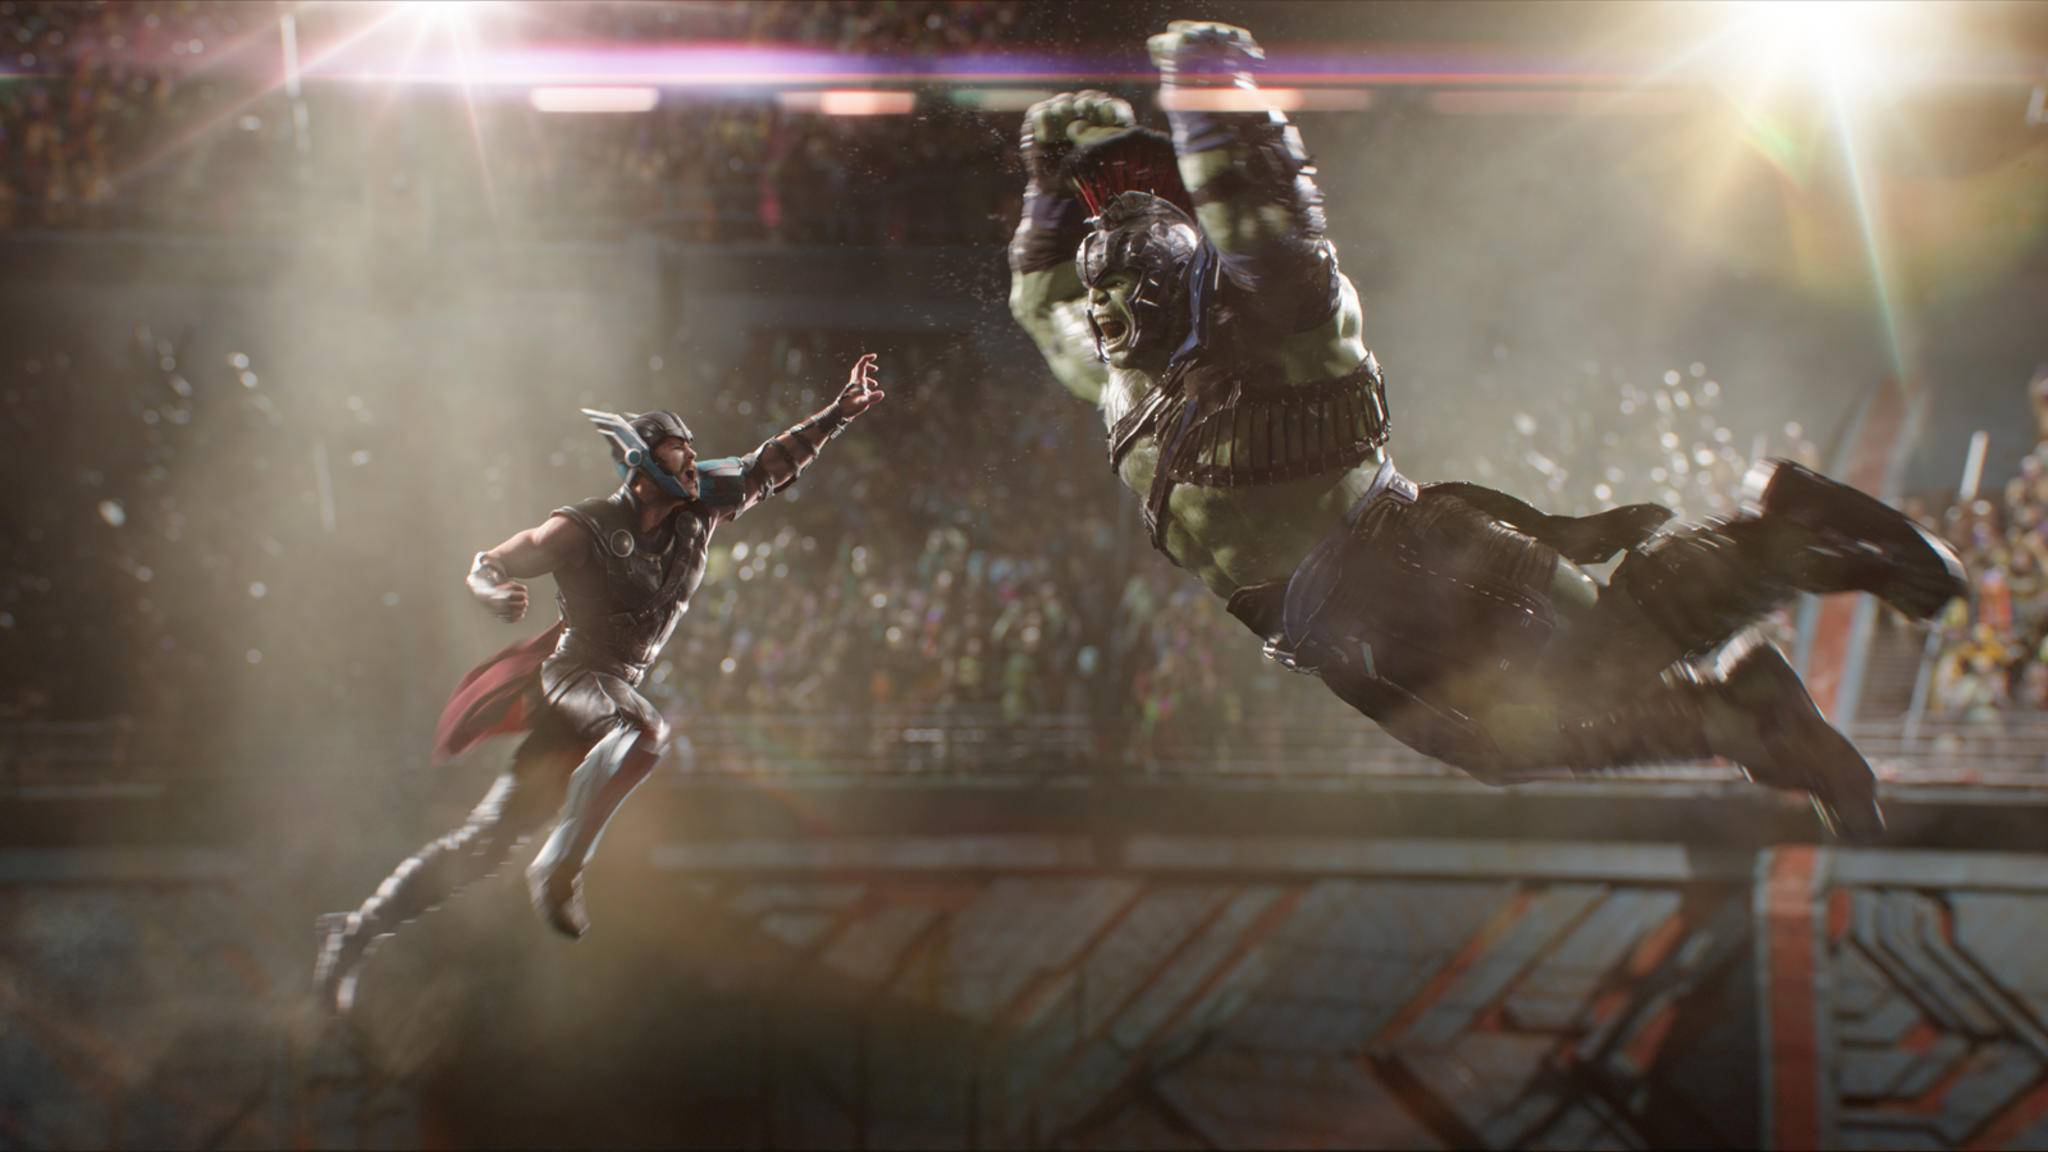 Smash! Ob Iron Man und der Hulk ähnlich spektakulär aufeinander treffen?